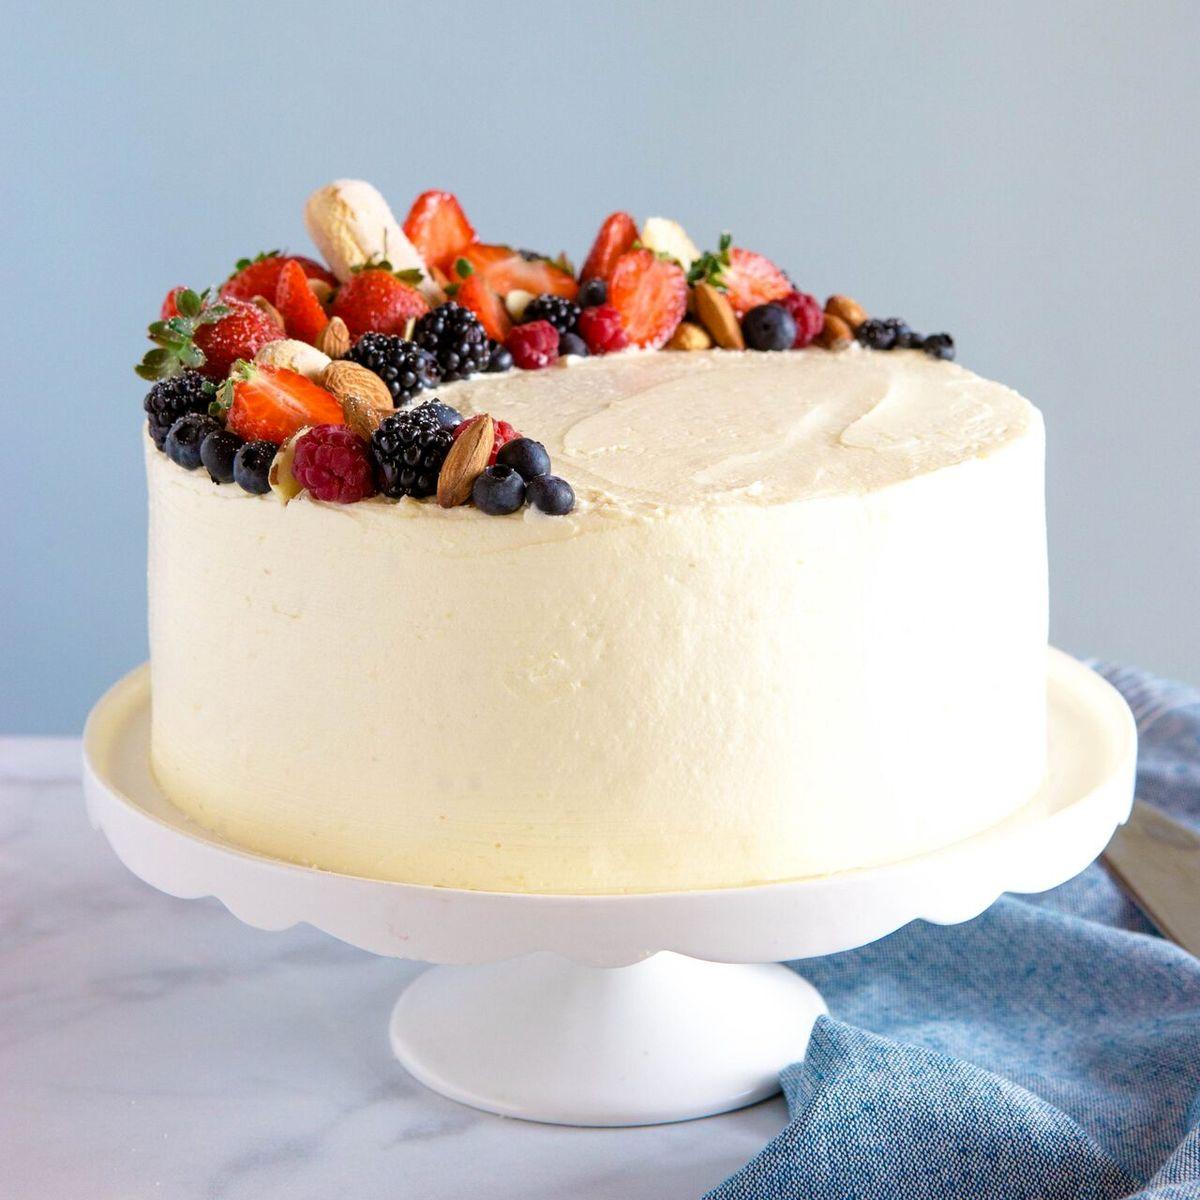 خامه کیک |  طرز تهیه خامه قنادی در منزل / فوت و فن ها